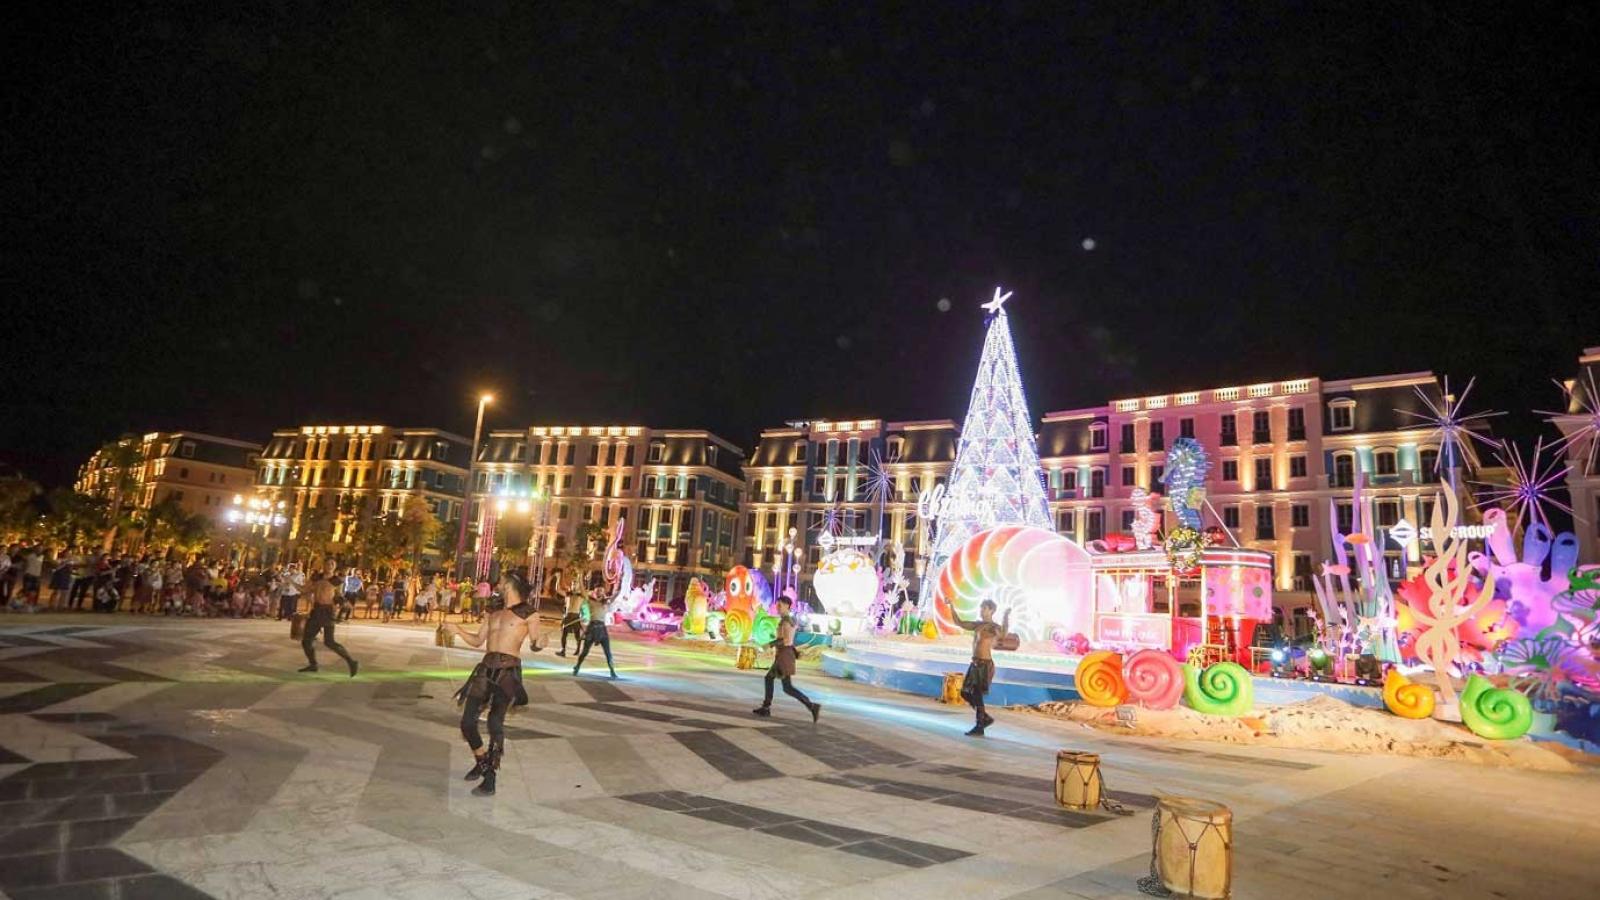 Thăng hoa cảm xúc với Giáng sinh lộng lẫy ở An Thới, Nam Phú Quốc